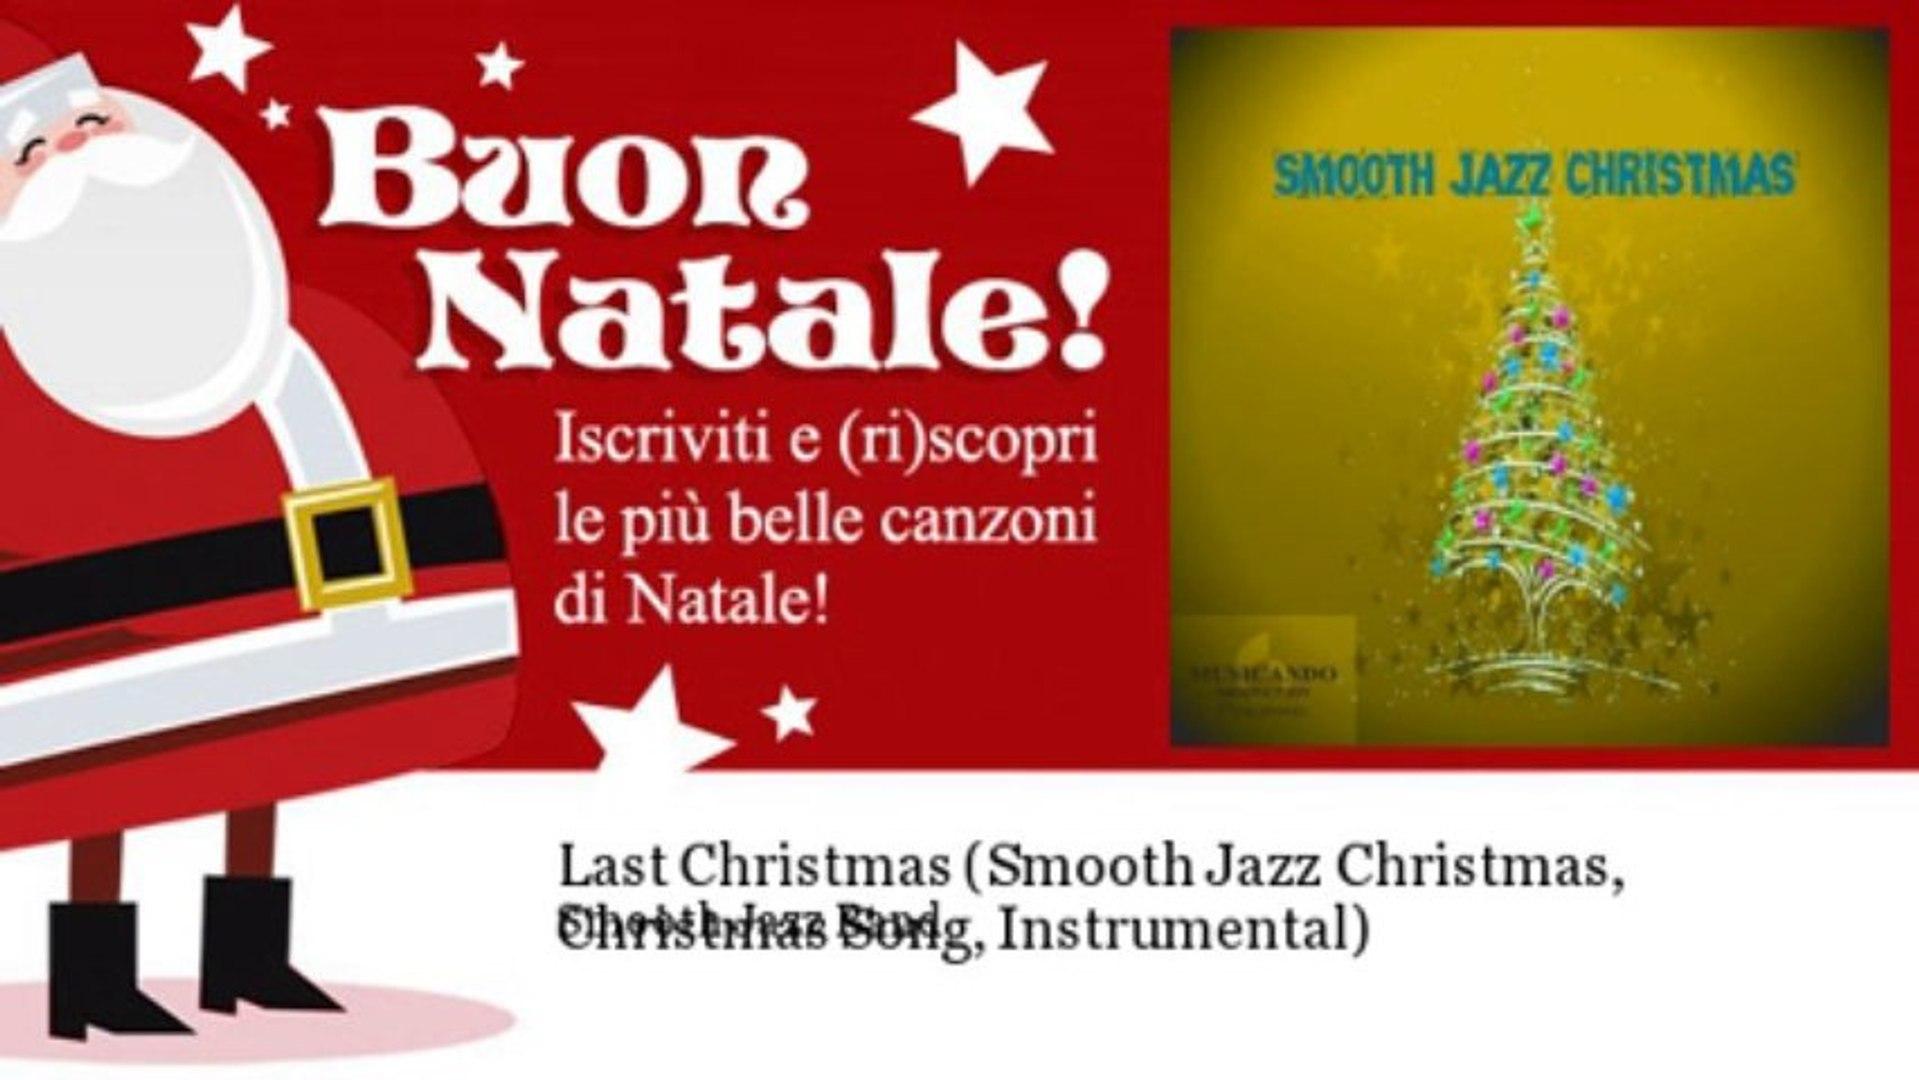 Smooth Jazz Band - Last Christmas - Smooth Jazz Christmas, Christmas Song, Instrumental